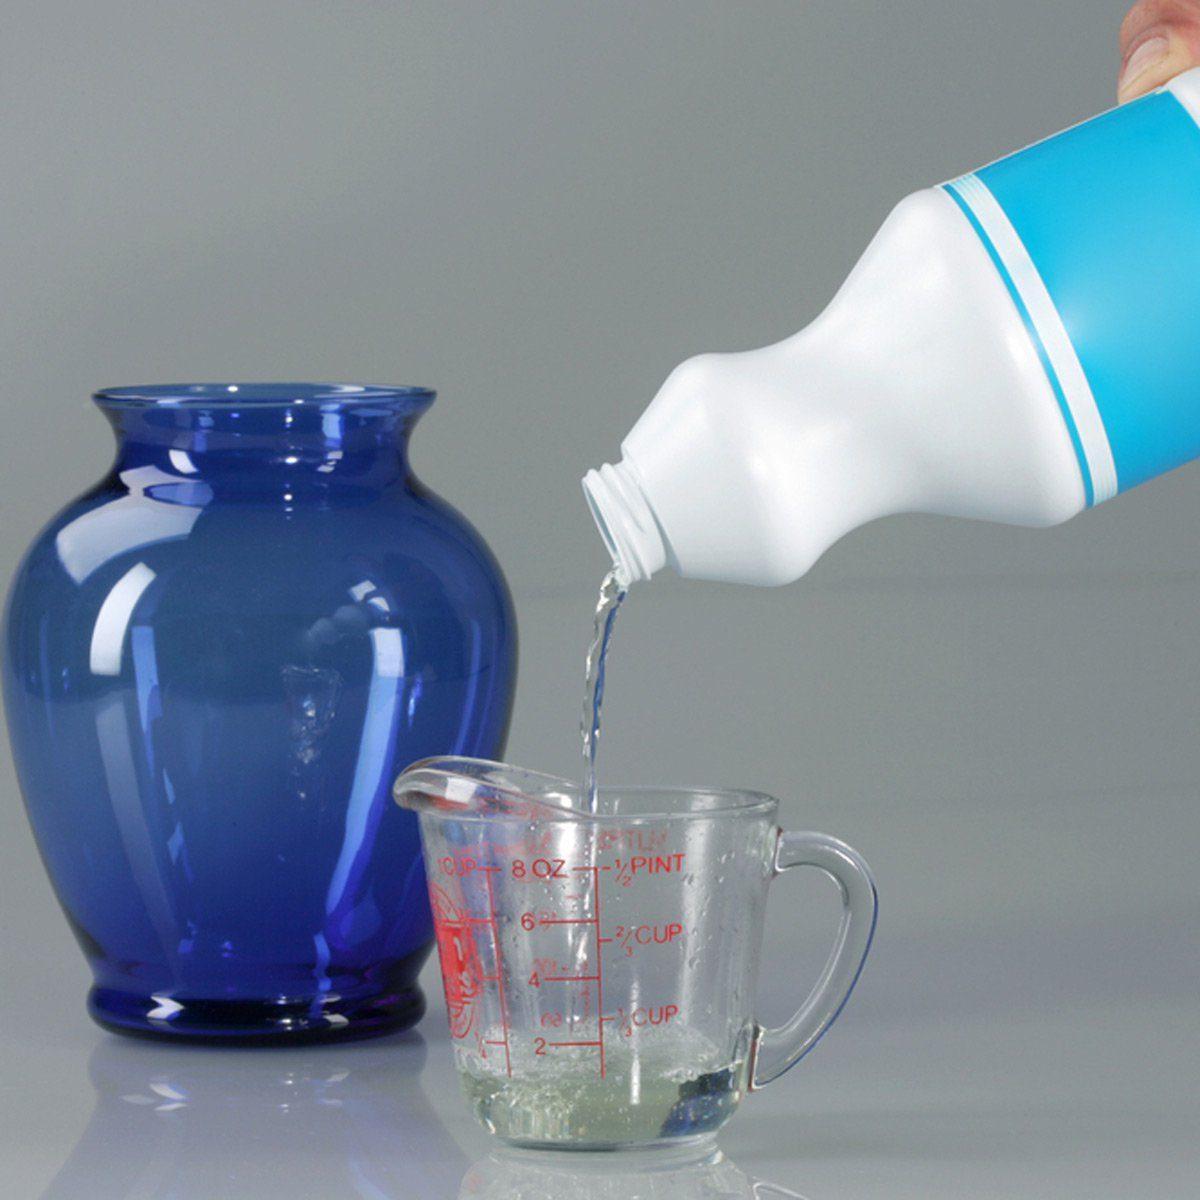 Pouring bleach